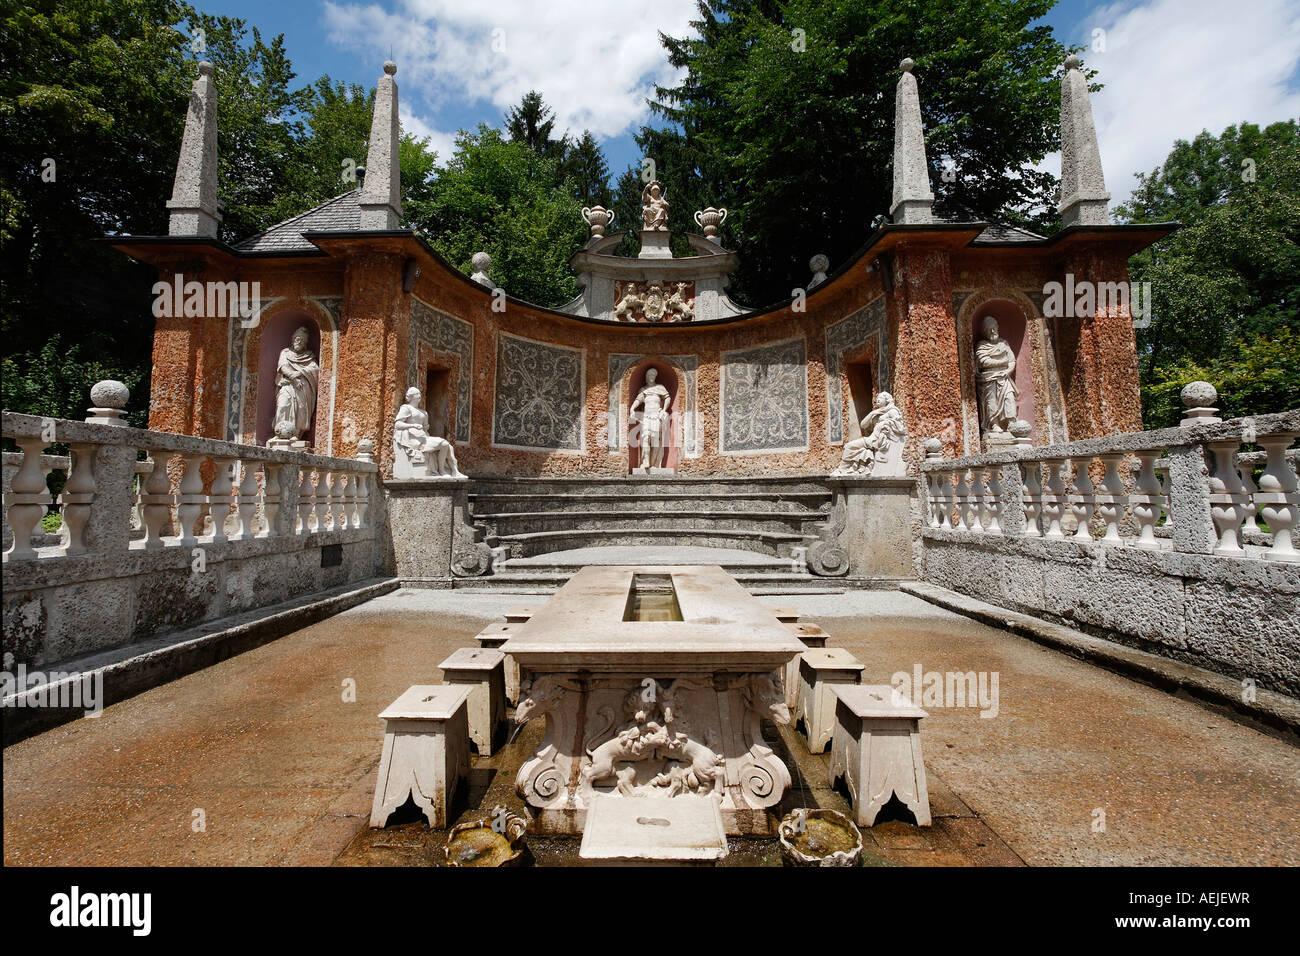 Fontaines à tricks, table du prince, Théâtre romain, Hellbrunn, Salzbourg, Autriche Banque D'Images